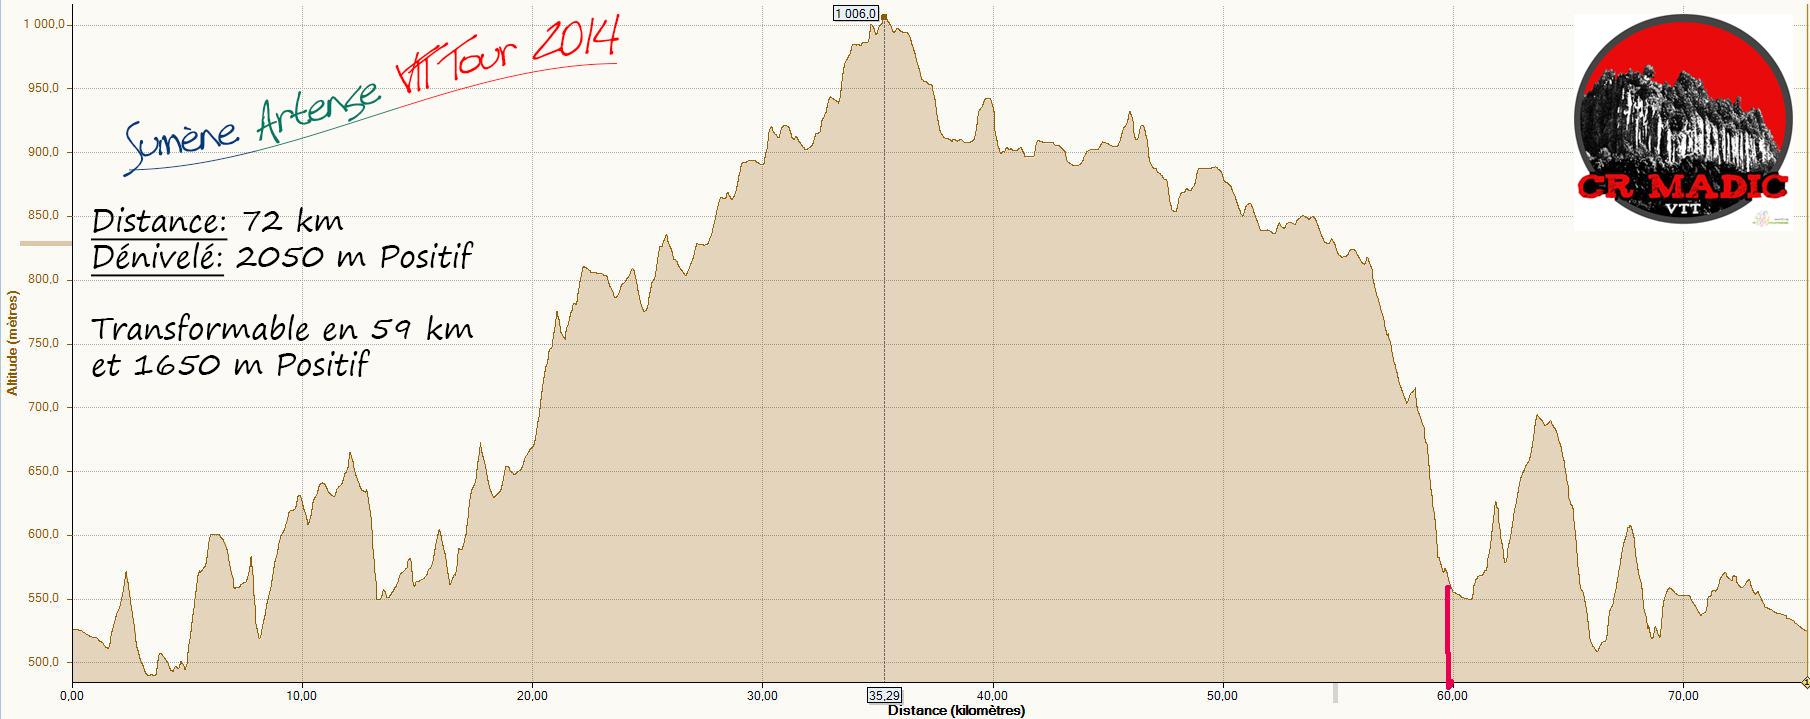 2014 savtt tour parcours 72 km d nivel